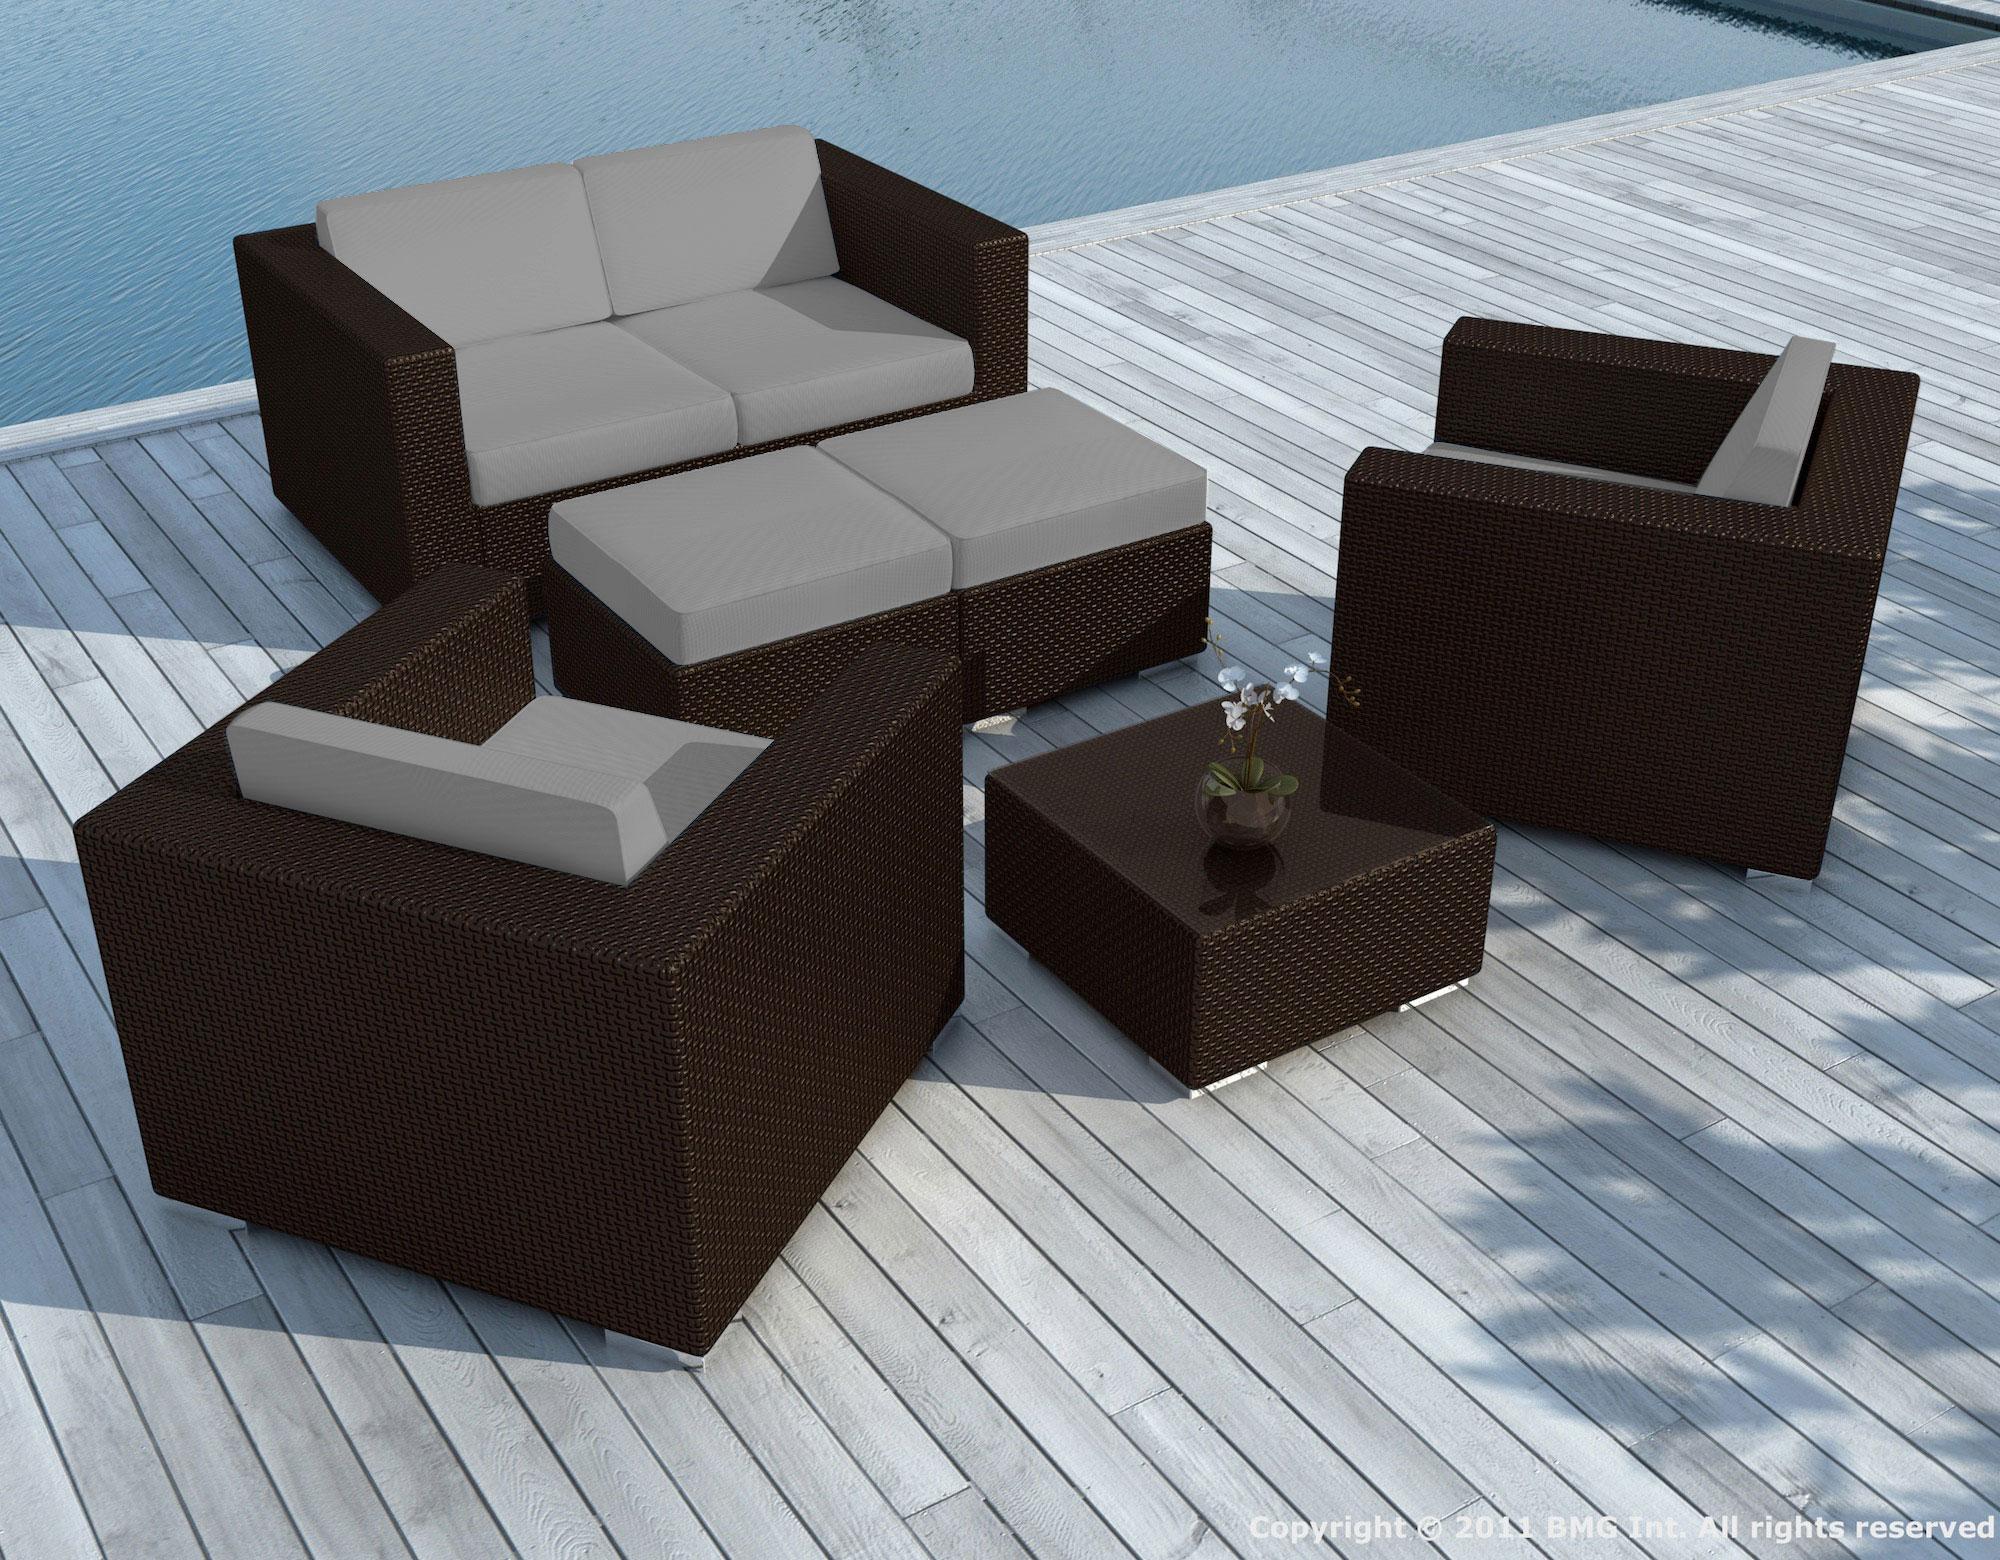 Salon de Jardin PAUSA 6 pièces en résine tressé couleur chocolat et  coussins tissu blanc écru + jeu de housses tissu gris